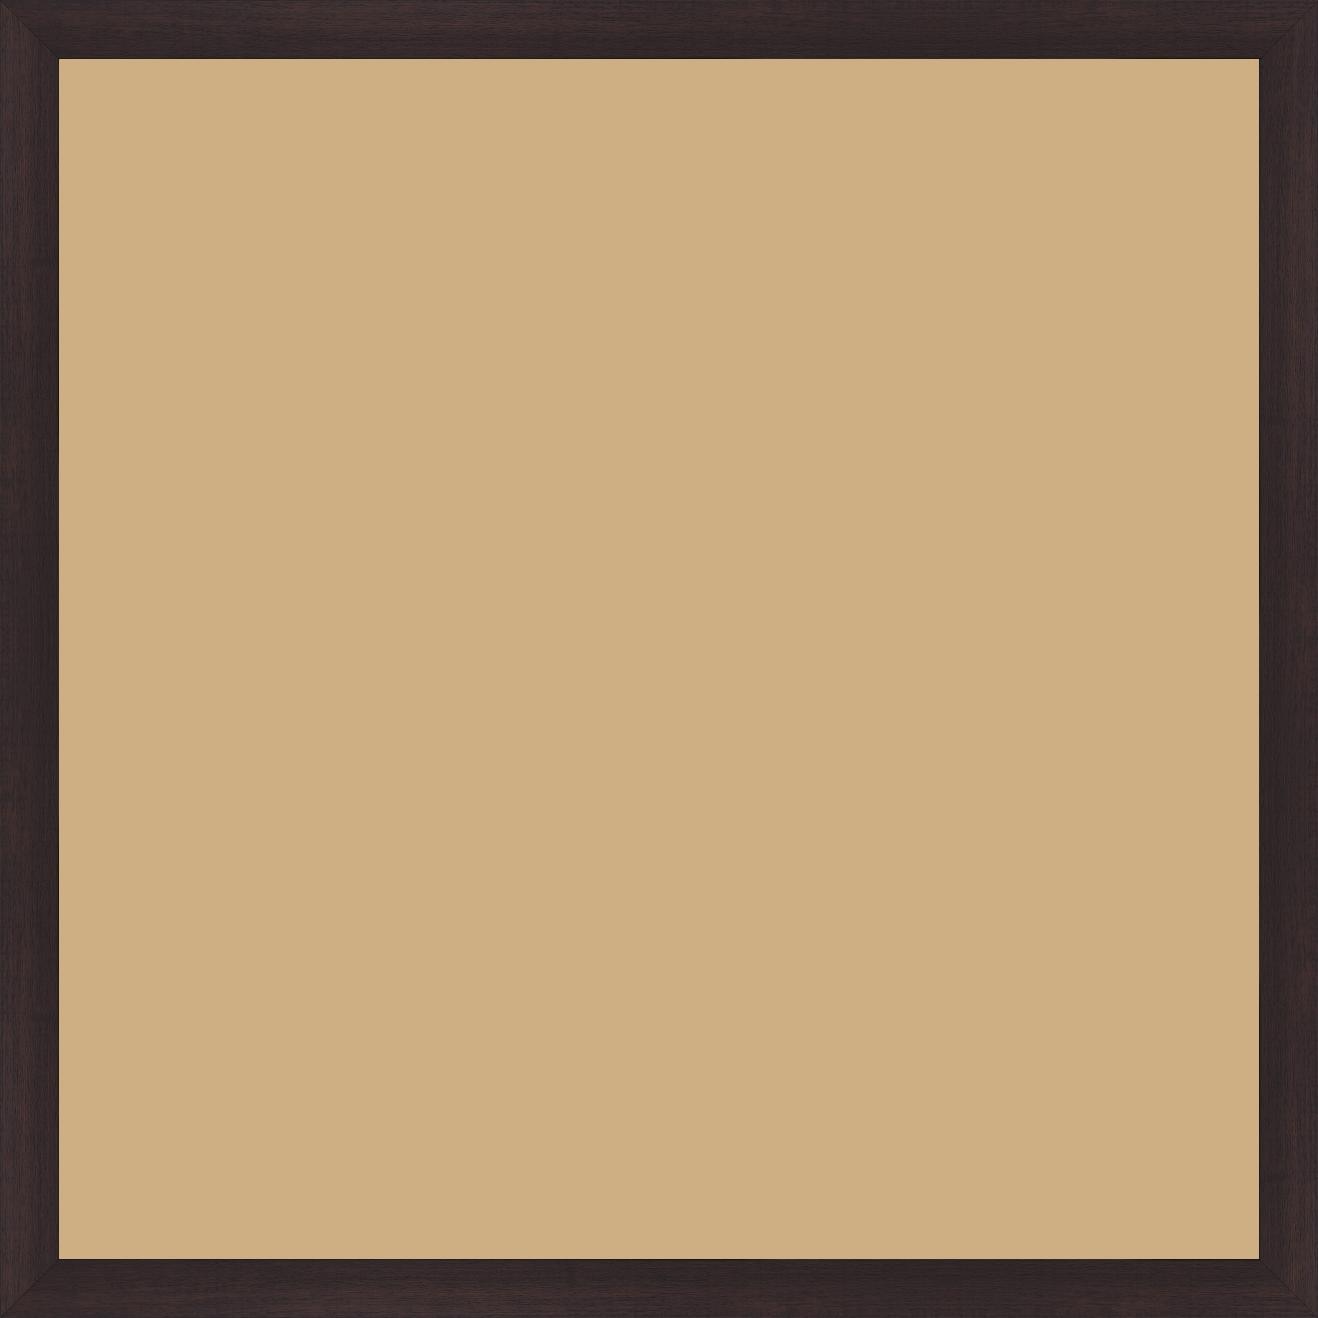 Cadre Pour Peinture Pour Peinture Bois Marron Tons Bois 120x120 Pas Cher Cadre Photo Pour Peinture Pour Peinture Bois Marron Tons Bois 120x120 Destock Cadre